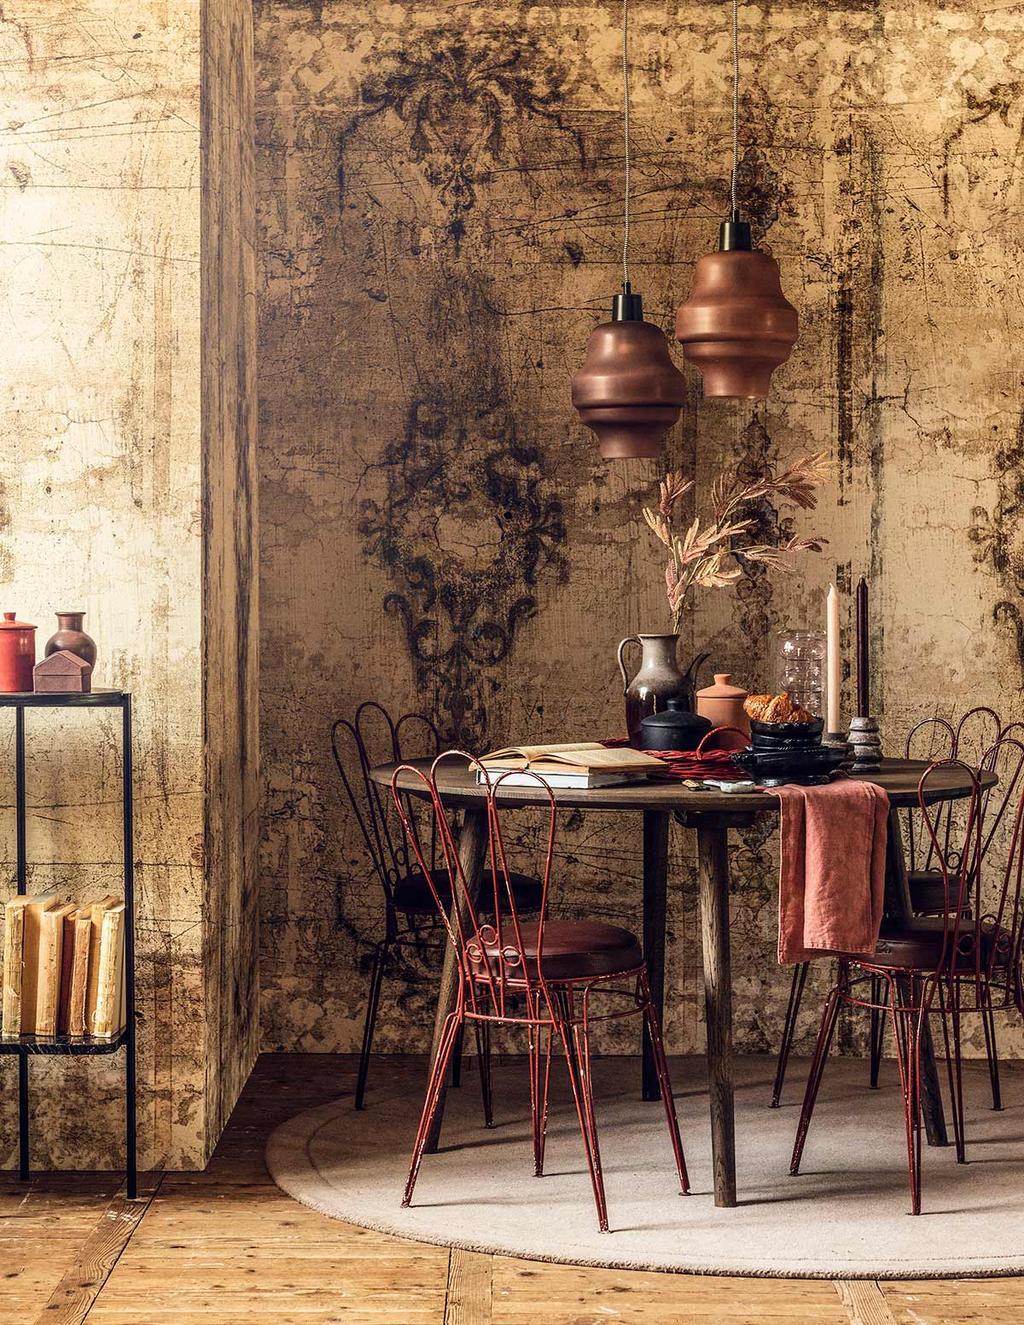 Franse woonstijl met bistro stoelen en Frans behang